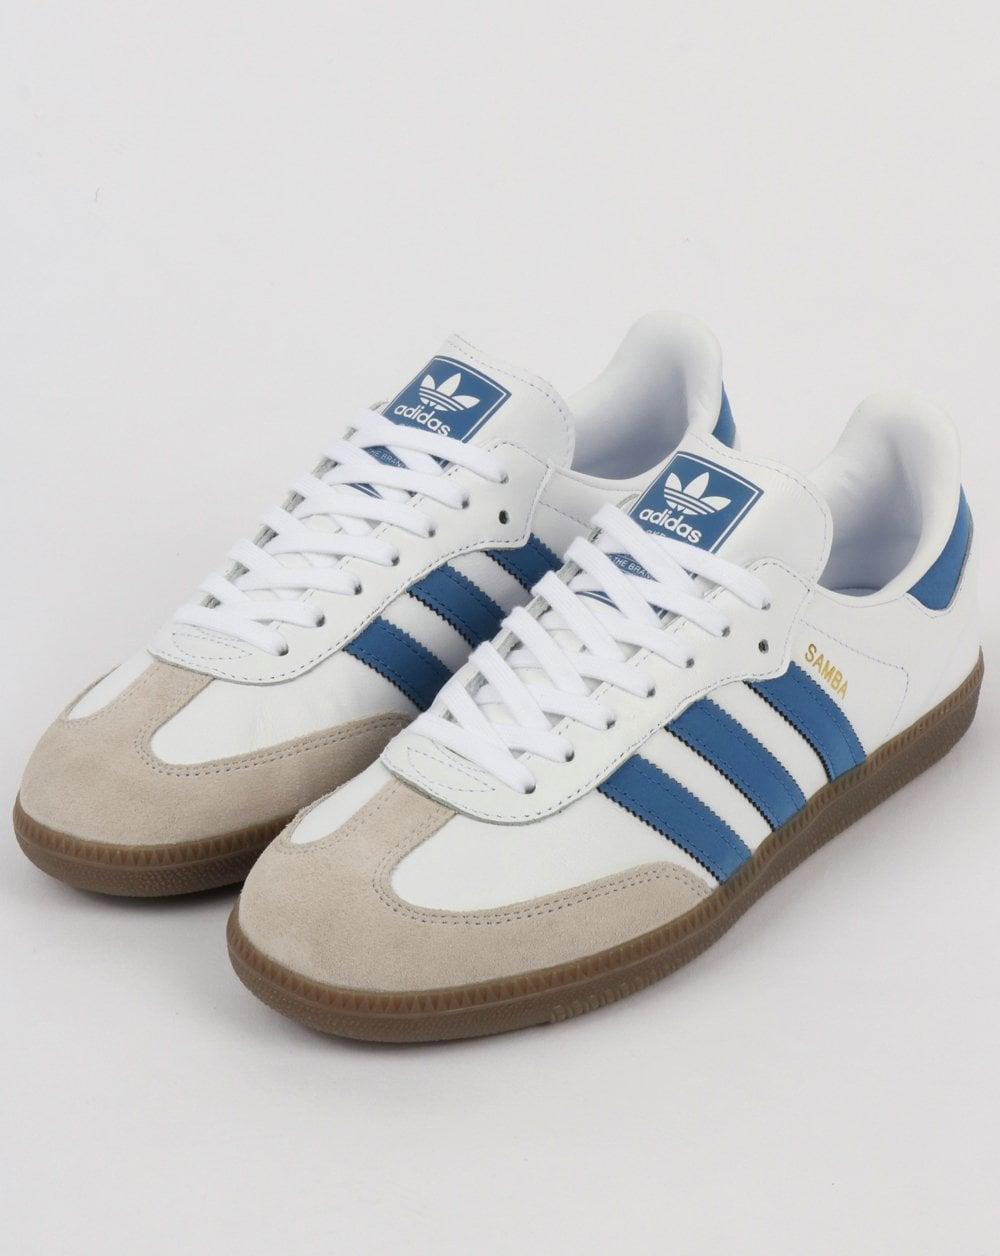 Adidas Samba OG Trainers White/Royal